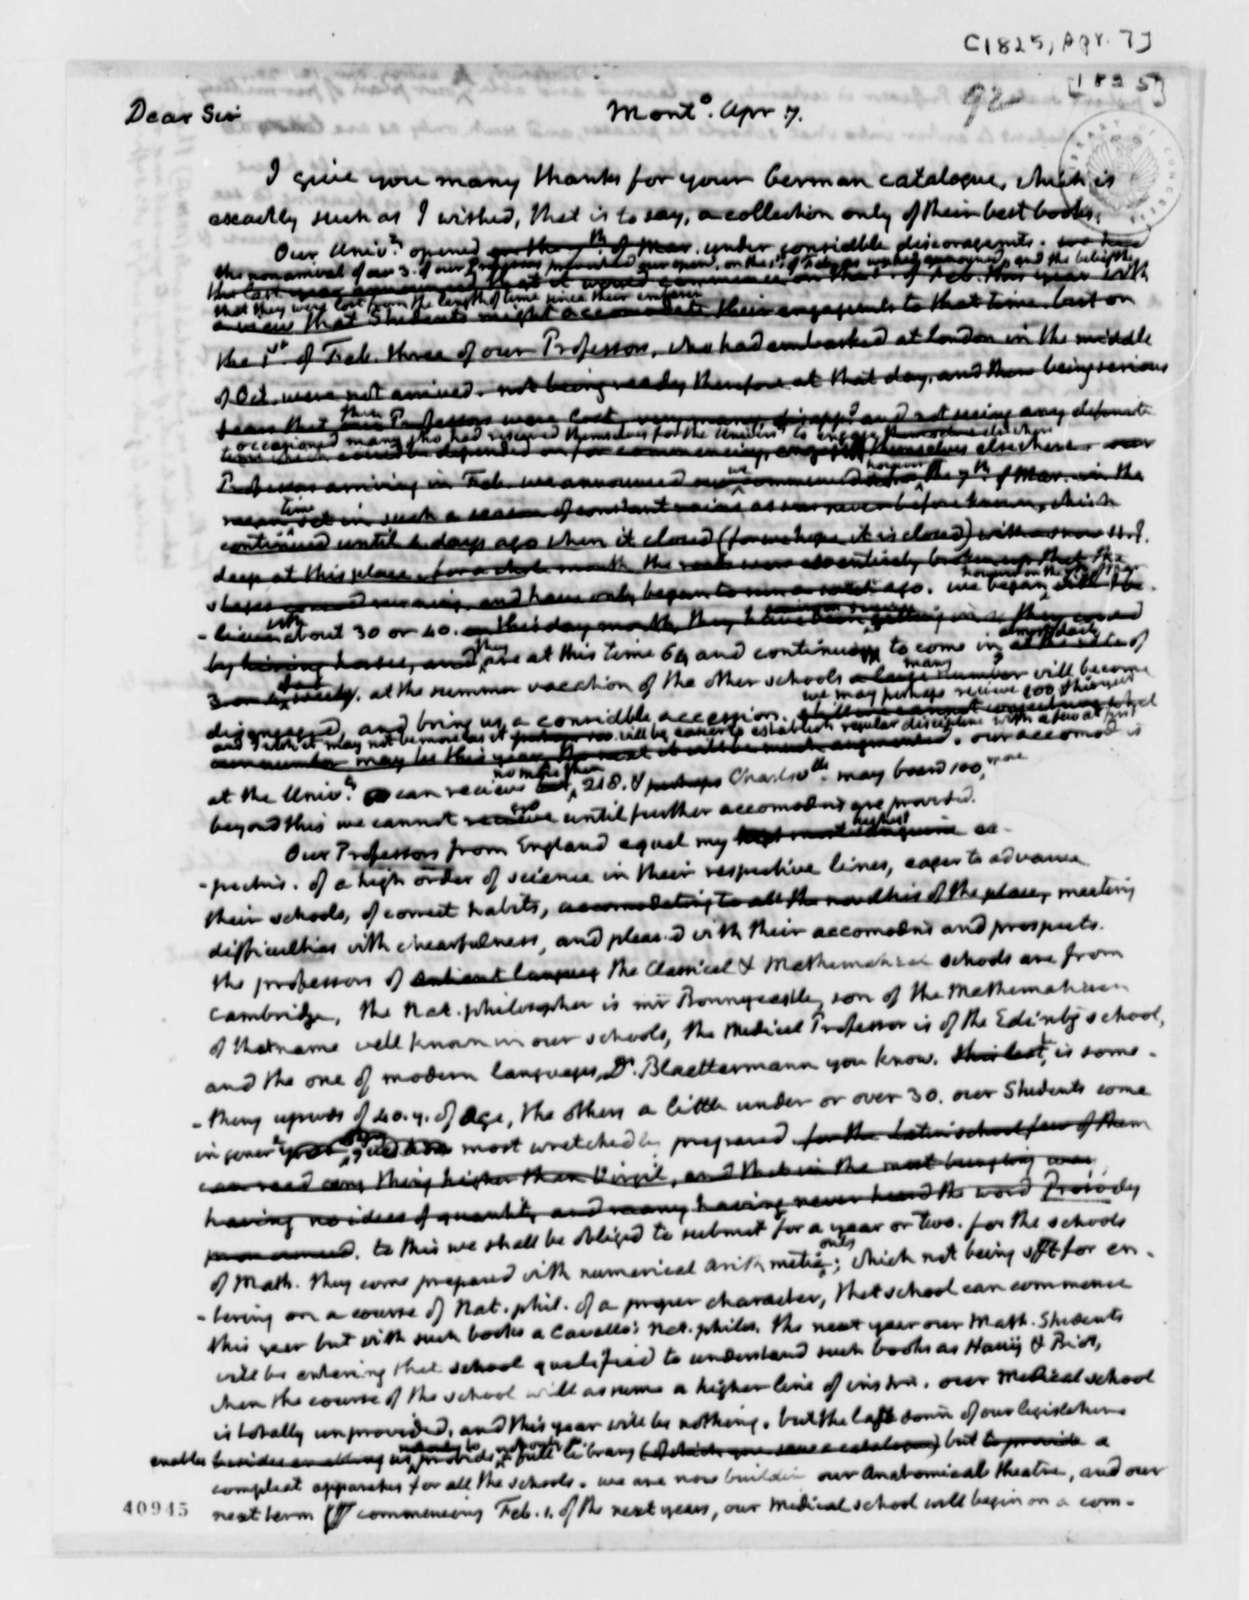 Thomas Jefferson to George Ticknor, April 7, 1825